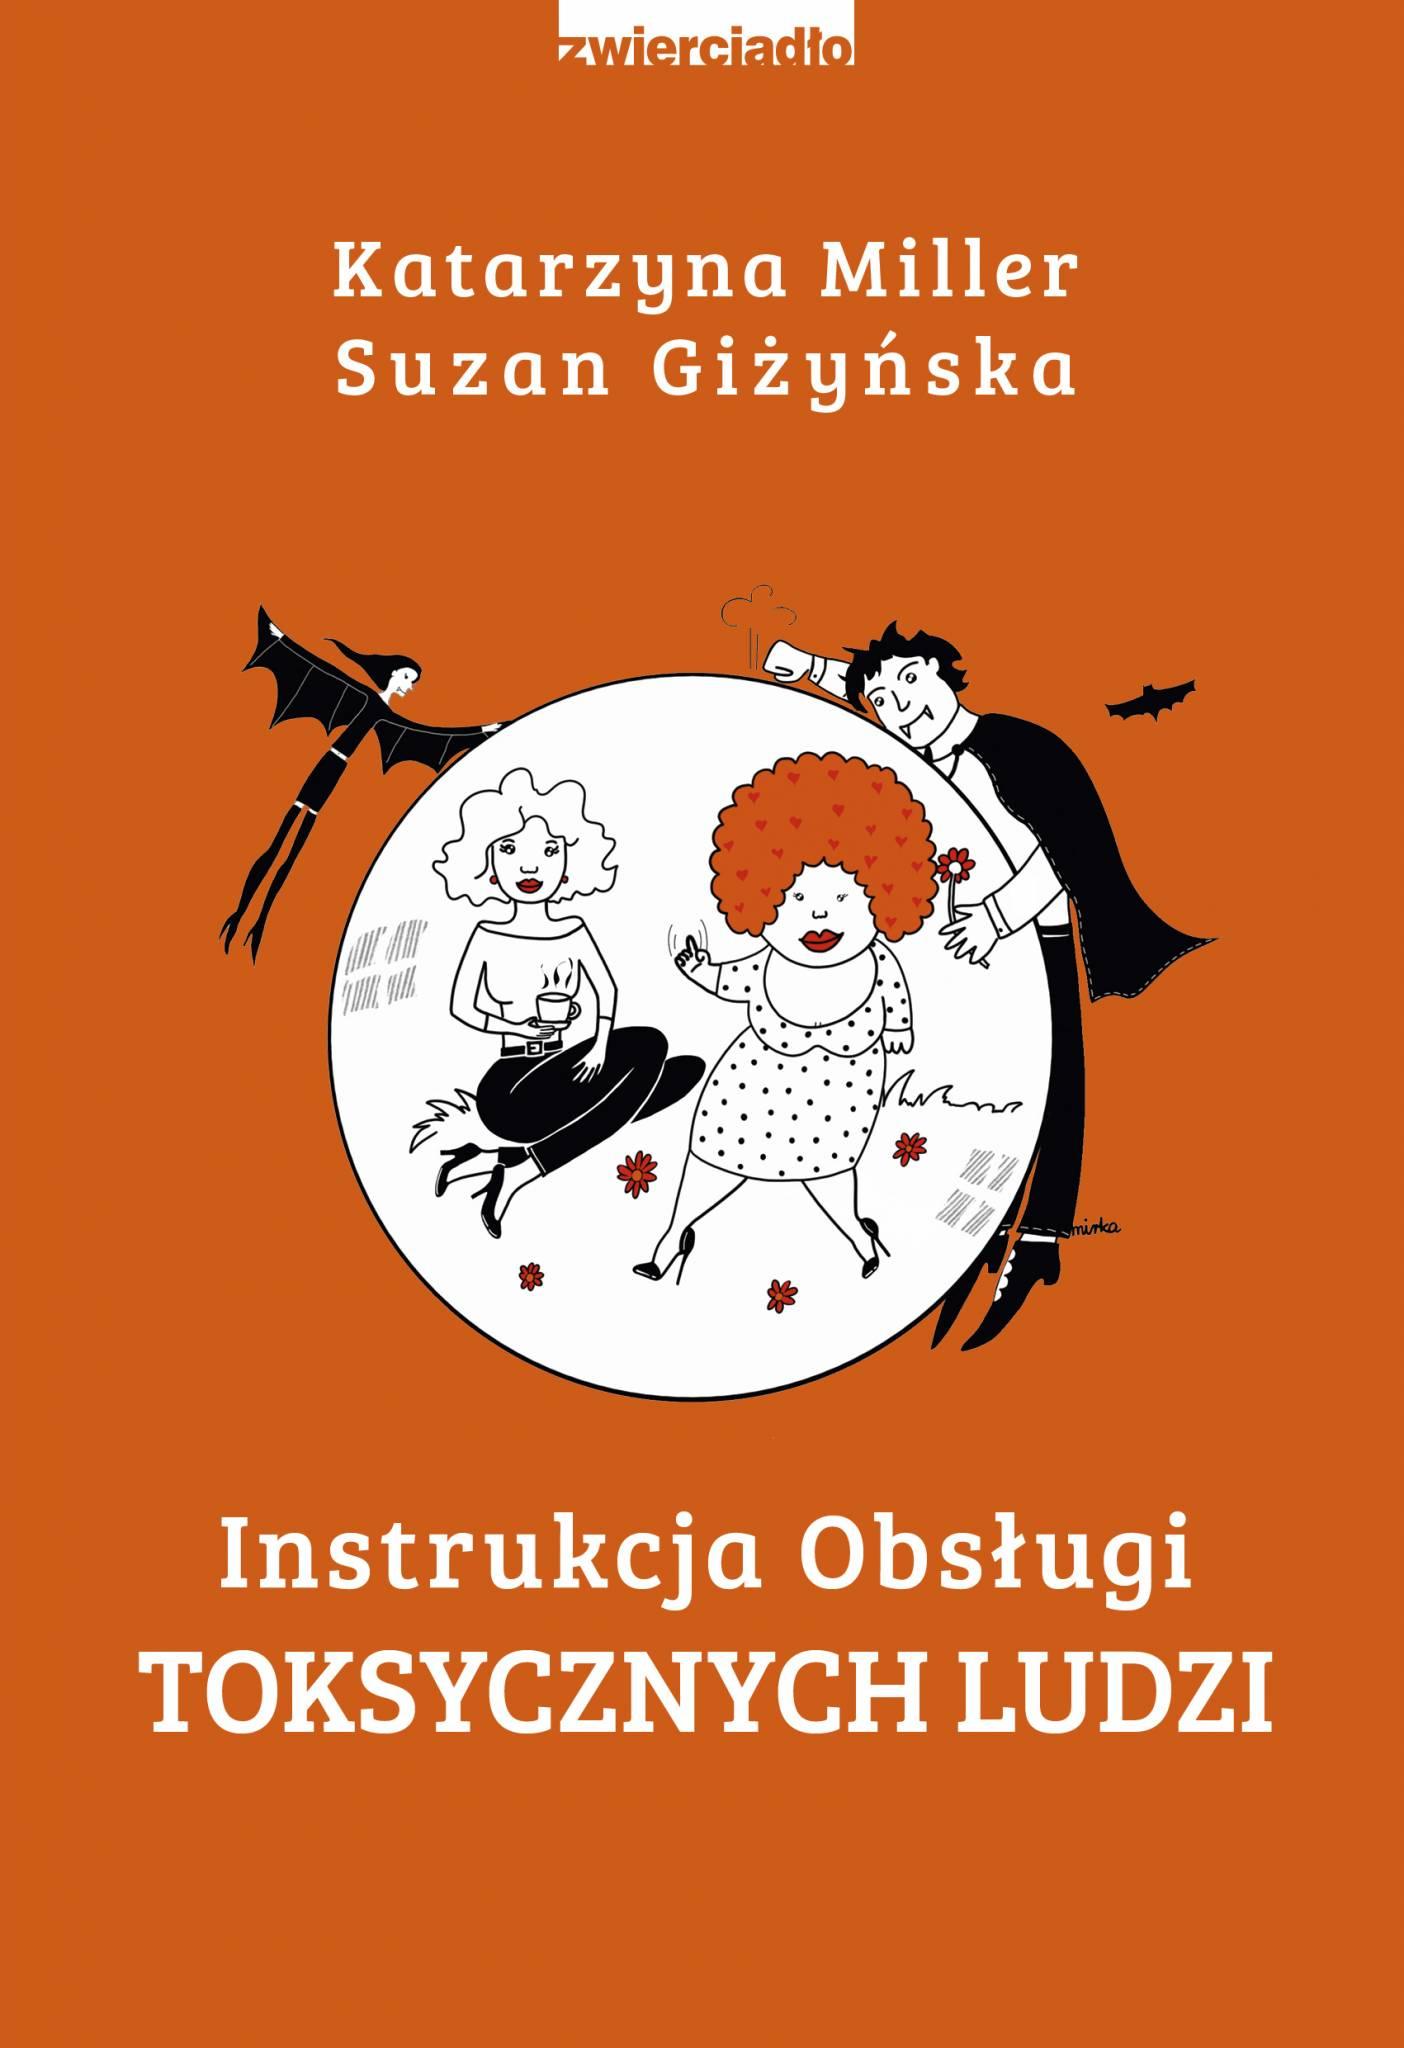 Jak obronić się przed toksycznymi ludźmi i zadbać o własne emocje: premiera książki Katarzyny Miller i Suzan Giżyńskiej już 26 września